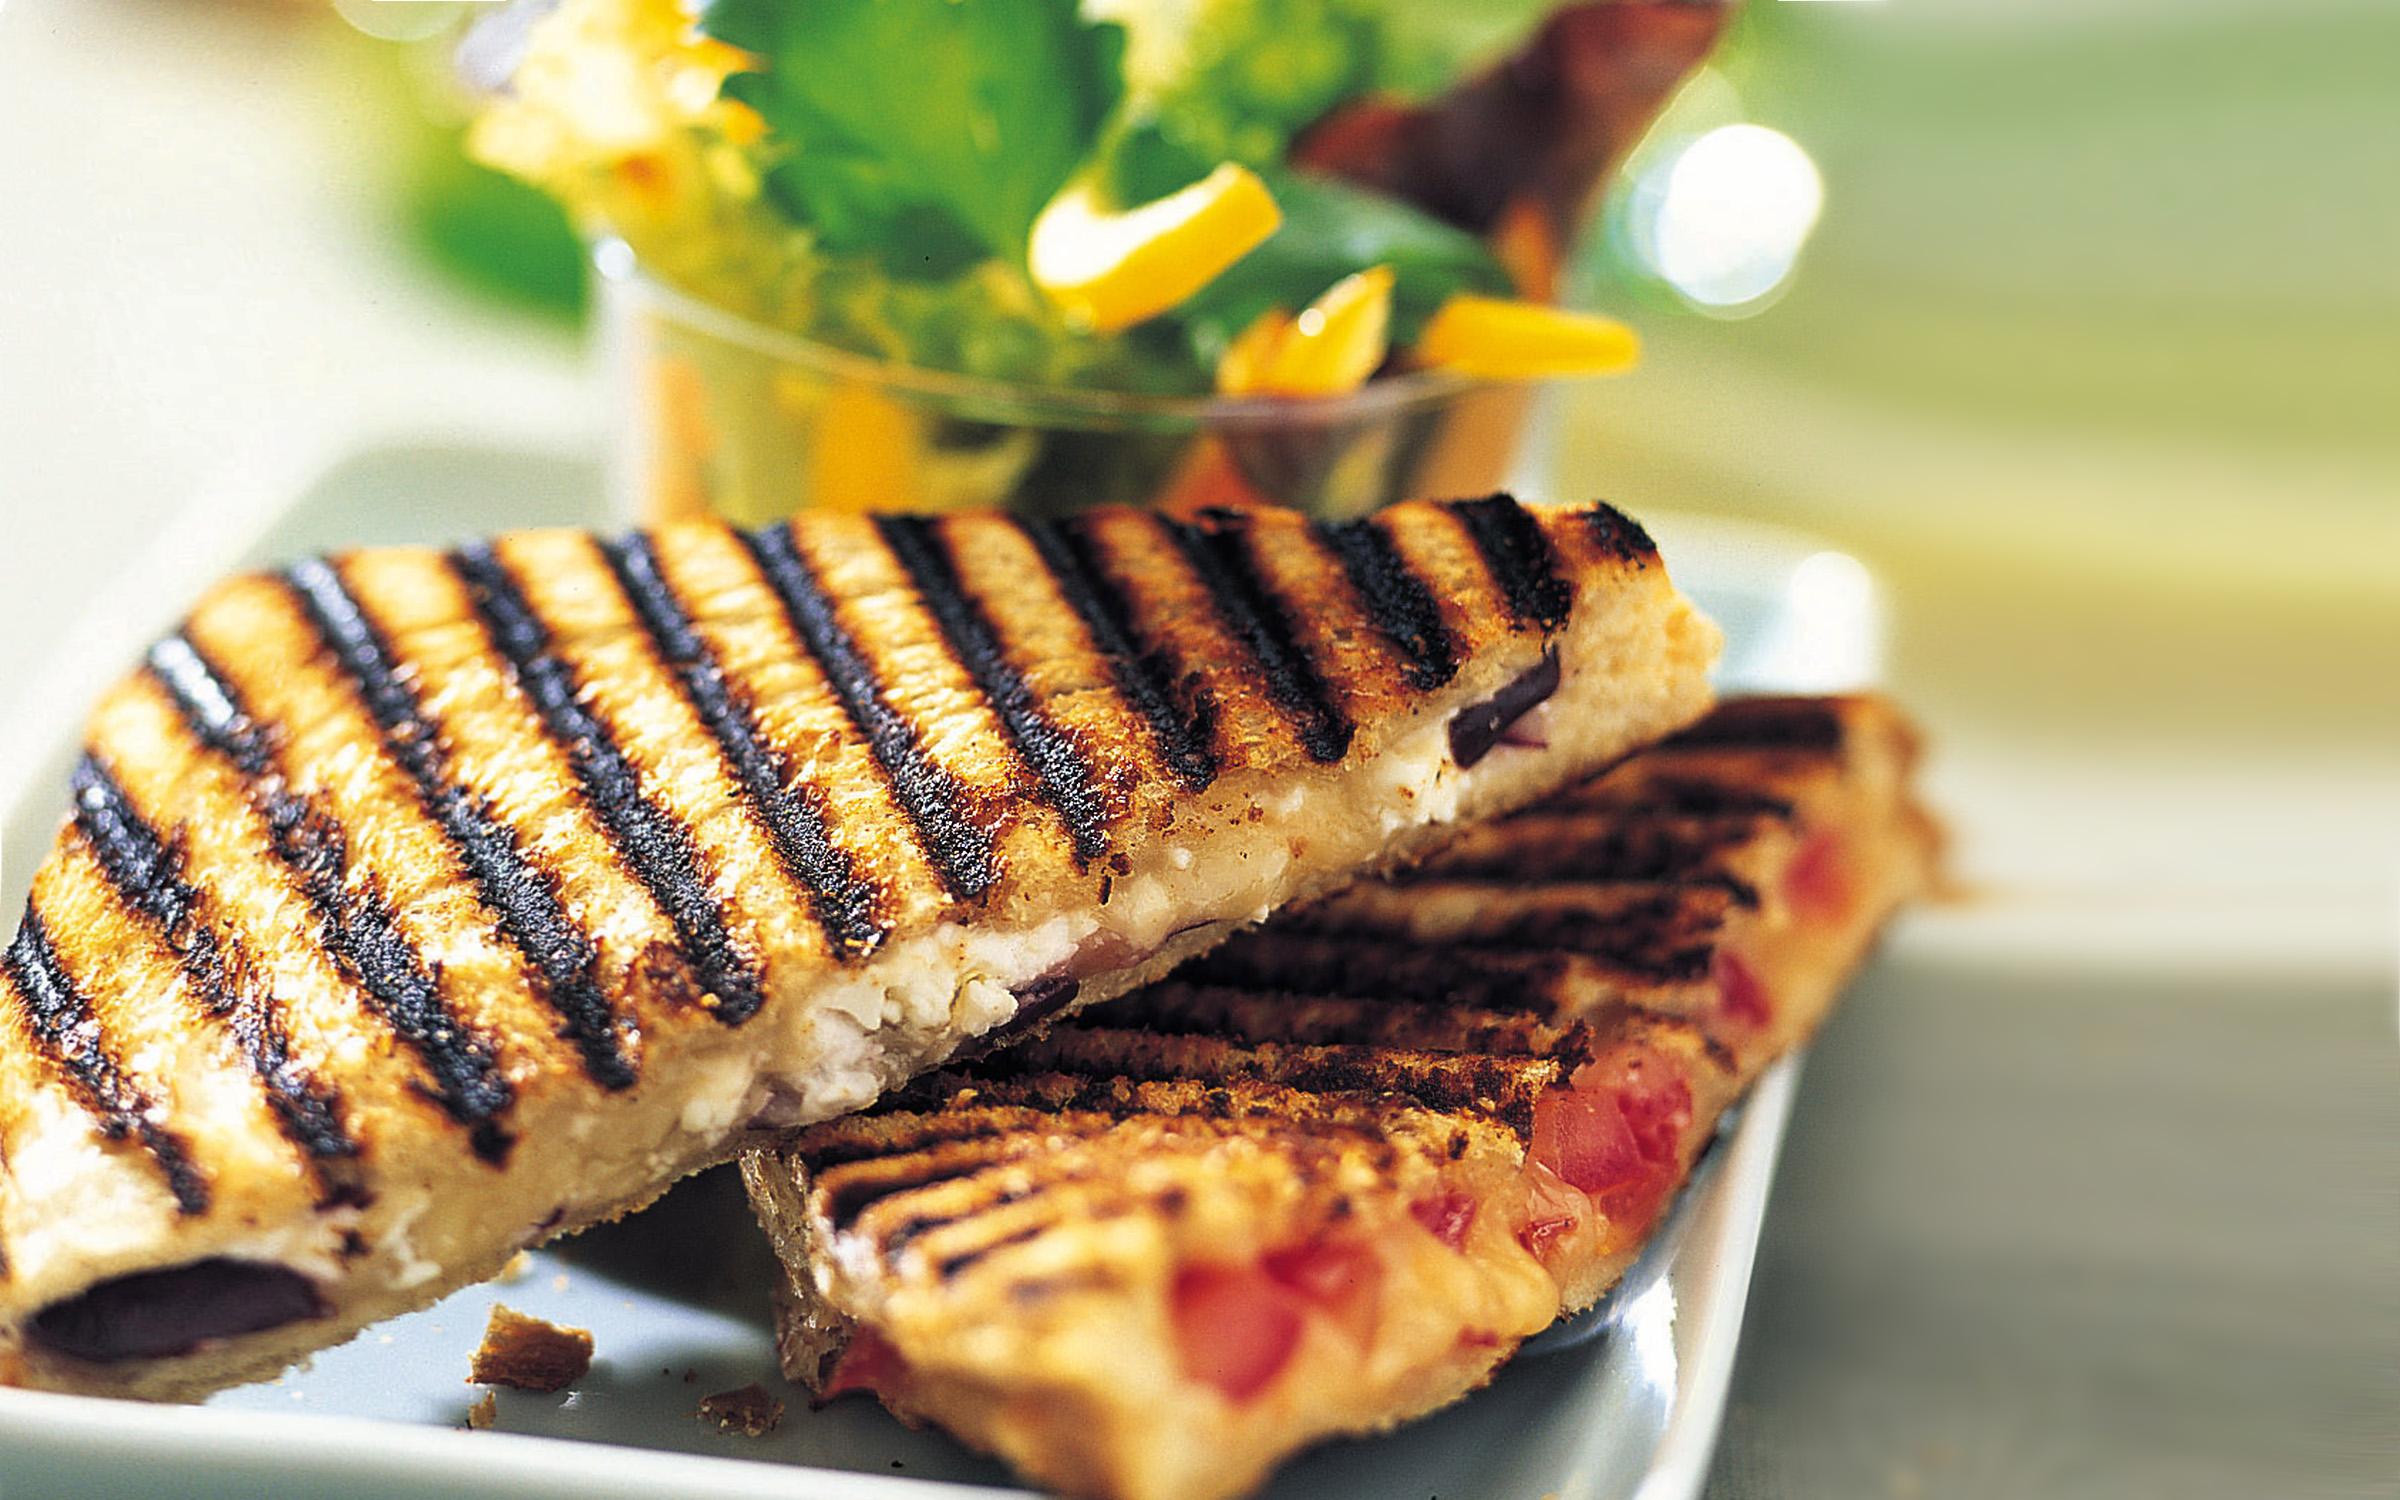 grillad macka recept